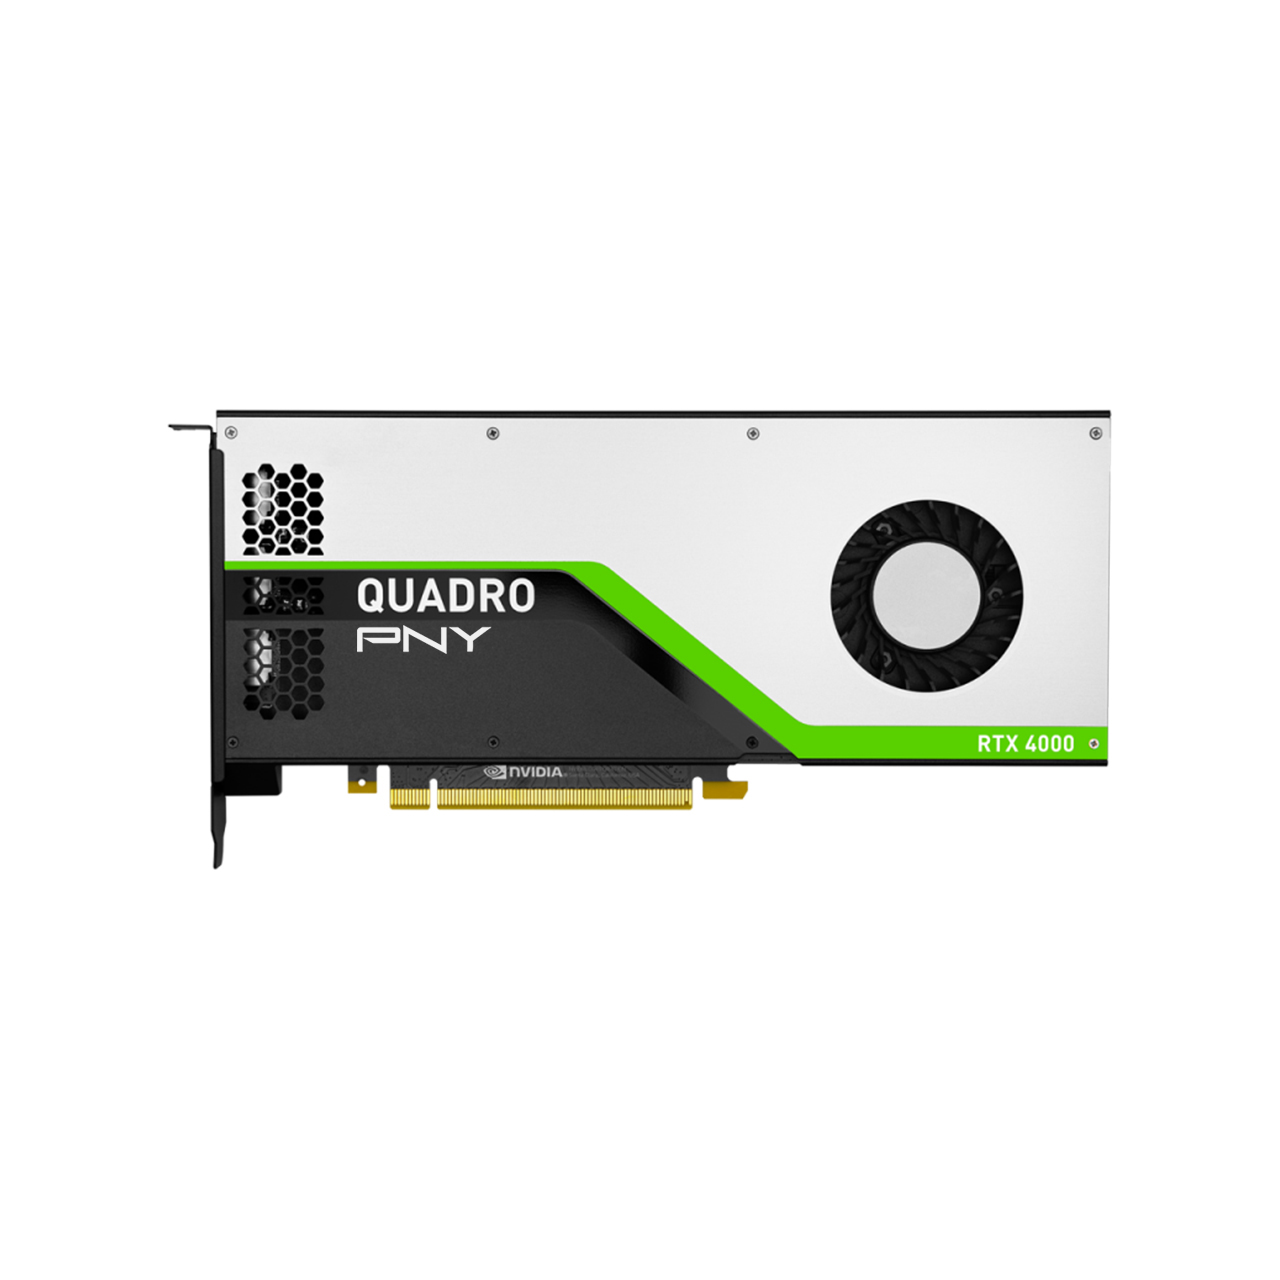 کارت گرافیک پی ان وای مدلNVIDIA Quadro RTX 4000